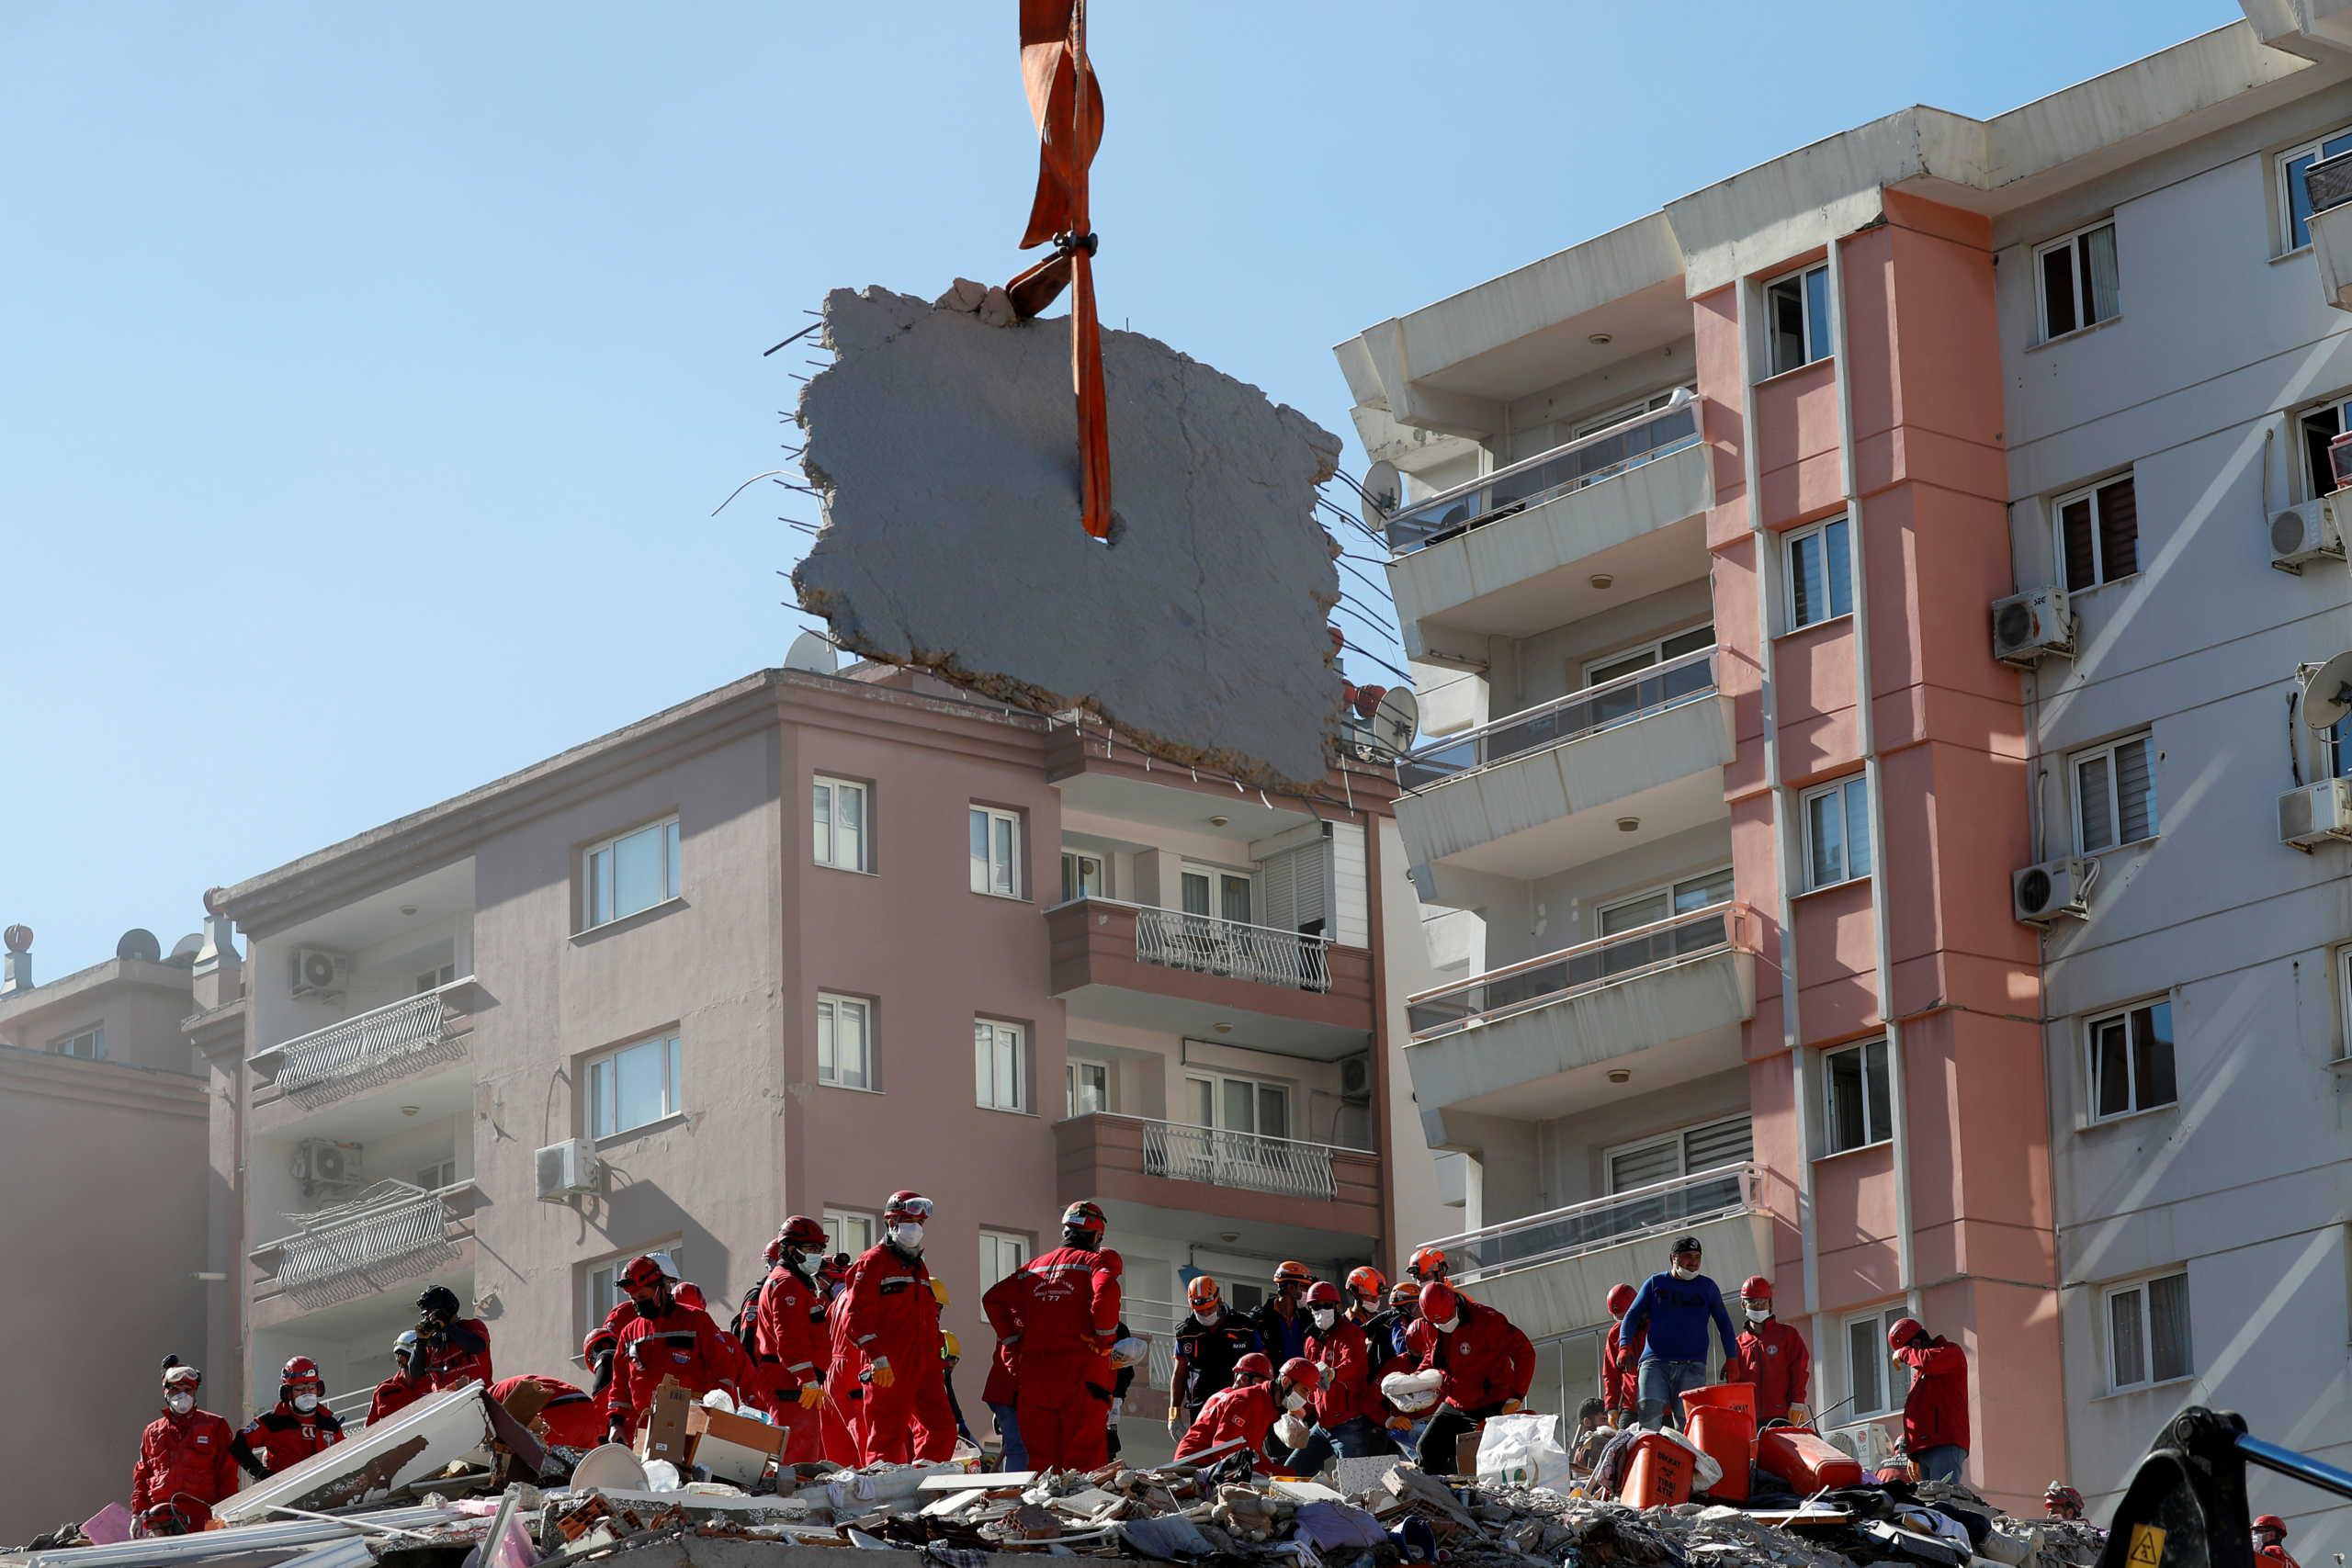 Σεισμός: Δεν σταματούν να ξεθάβουν πτώματα στην Σμύρνη! 51 οι νεκροί – Στην περιοχή ο Ερντογάν (pics)